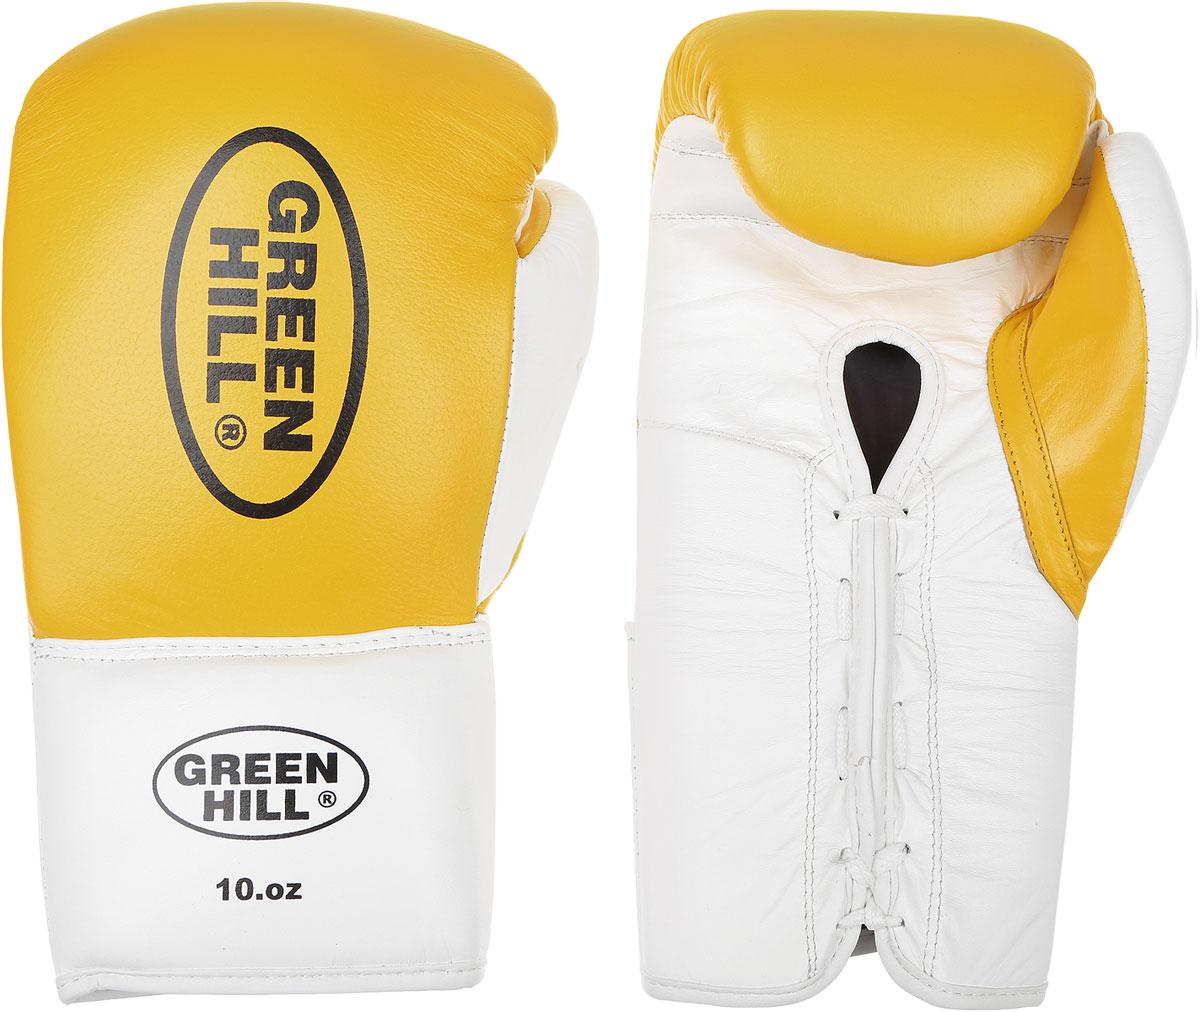 Перчатки боксерские Green Hill Proffi, цвет: желтый, черный, белый. Вес 10 унций. BGP-2014AIRWHEEL M3-162.8Боксерские перчатки Green Hill Proffi предназначены для использования профессионалами. Верх выполнен из натуральной кожи, наполнитель - из вспененного полимера. Отверстие в области ладони позволяет создать максимально комфортный терморежим во время занятий. Манжет на шнуровке способствует быстрому и удобному надеванию перчаток, плотно фиксирует перчатки на руке.